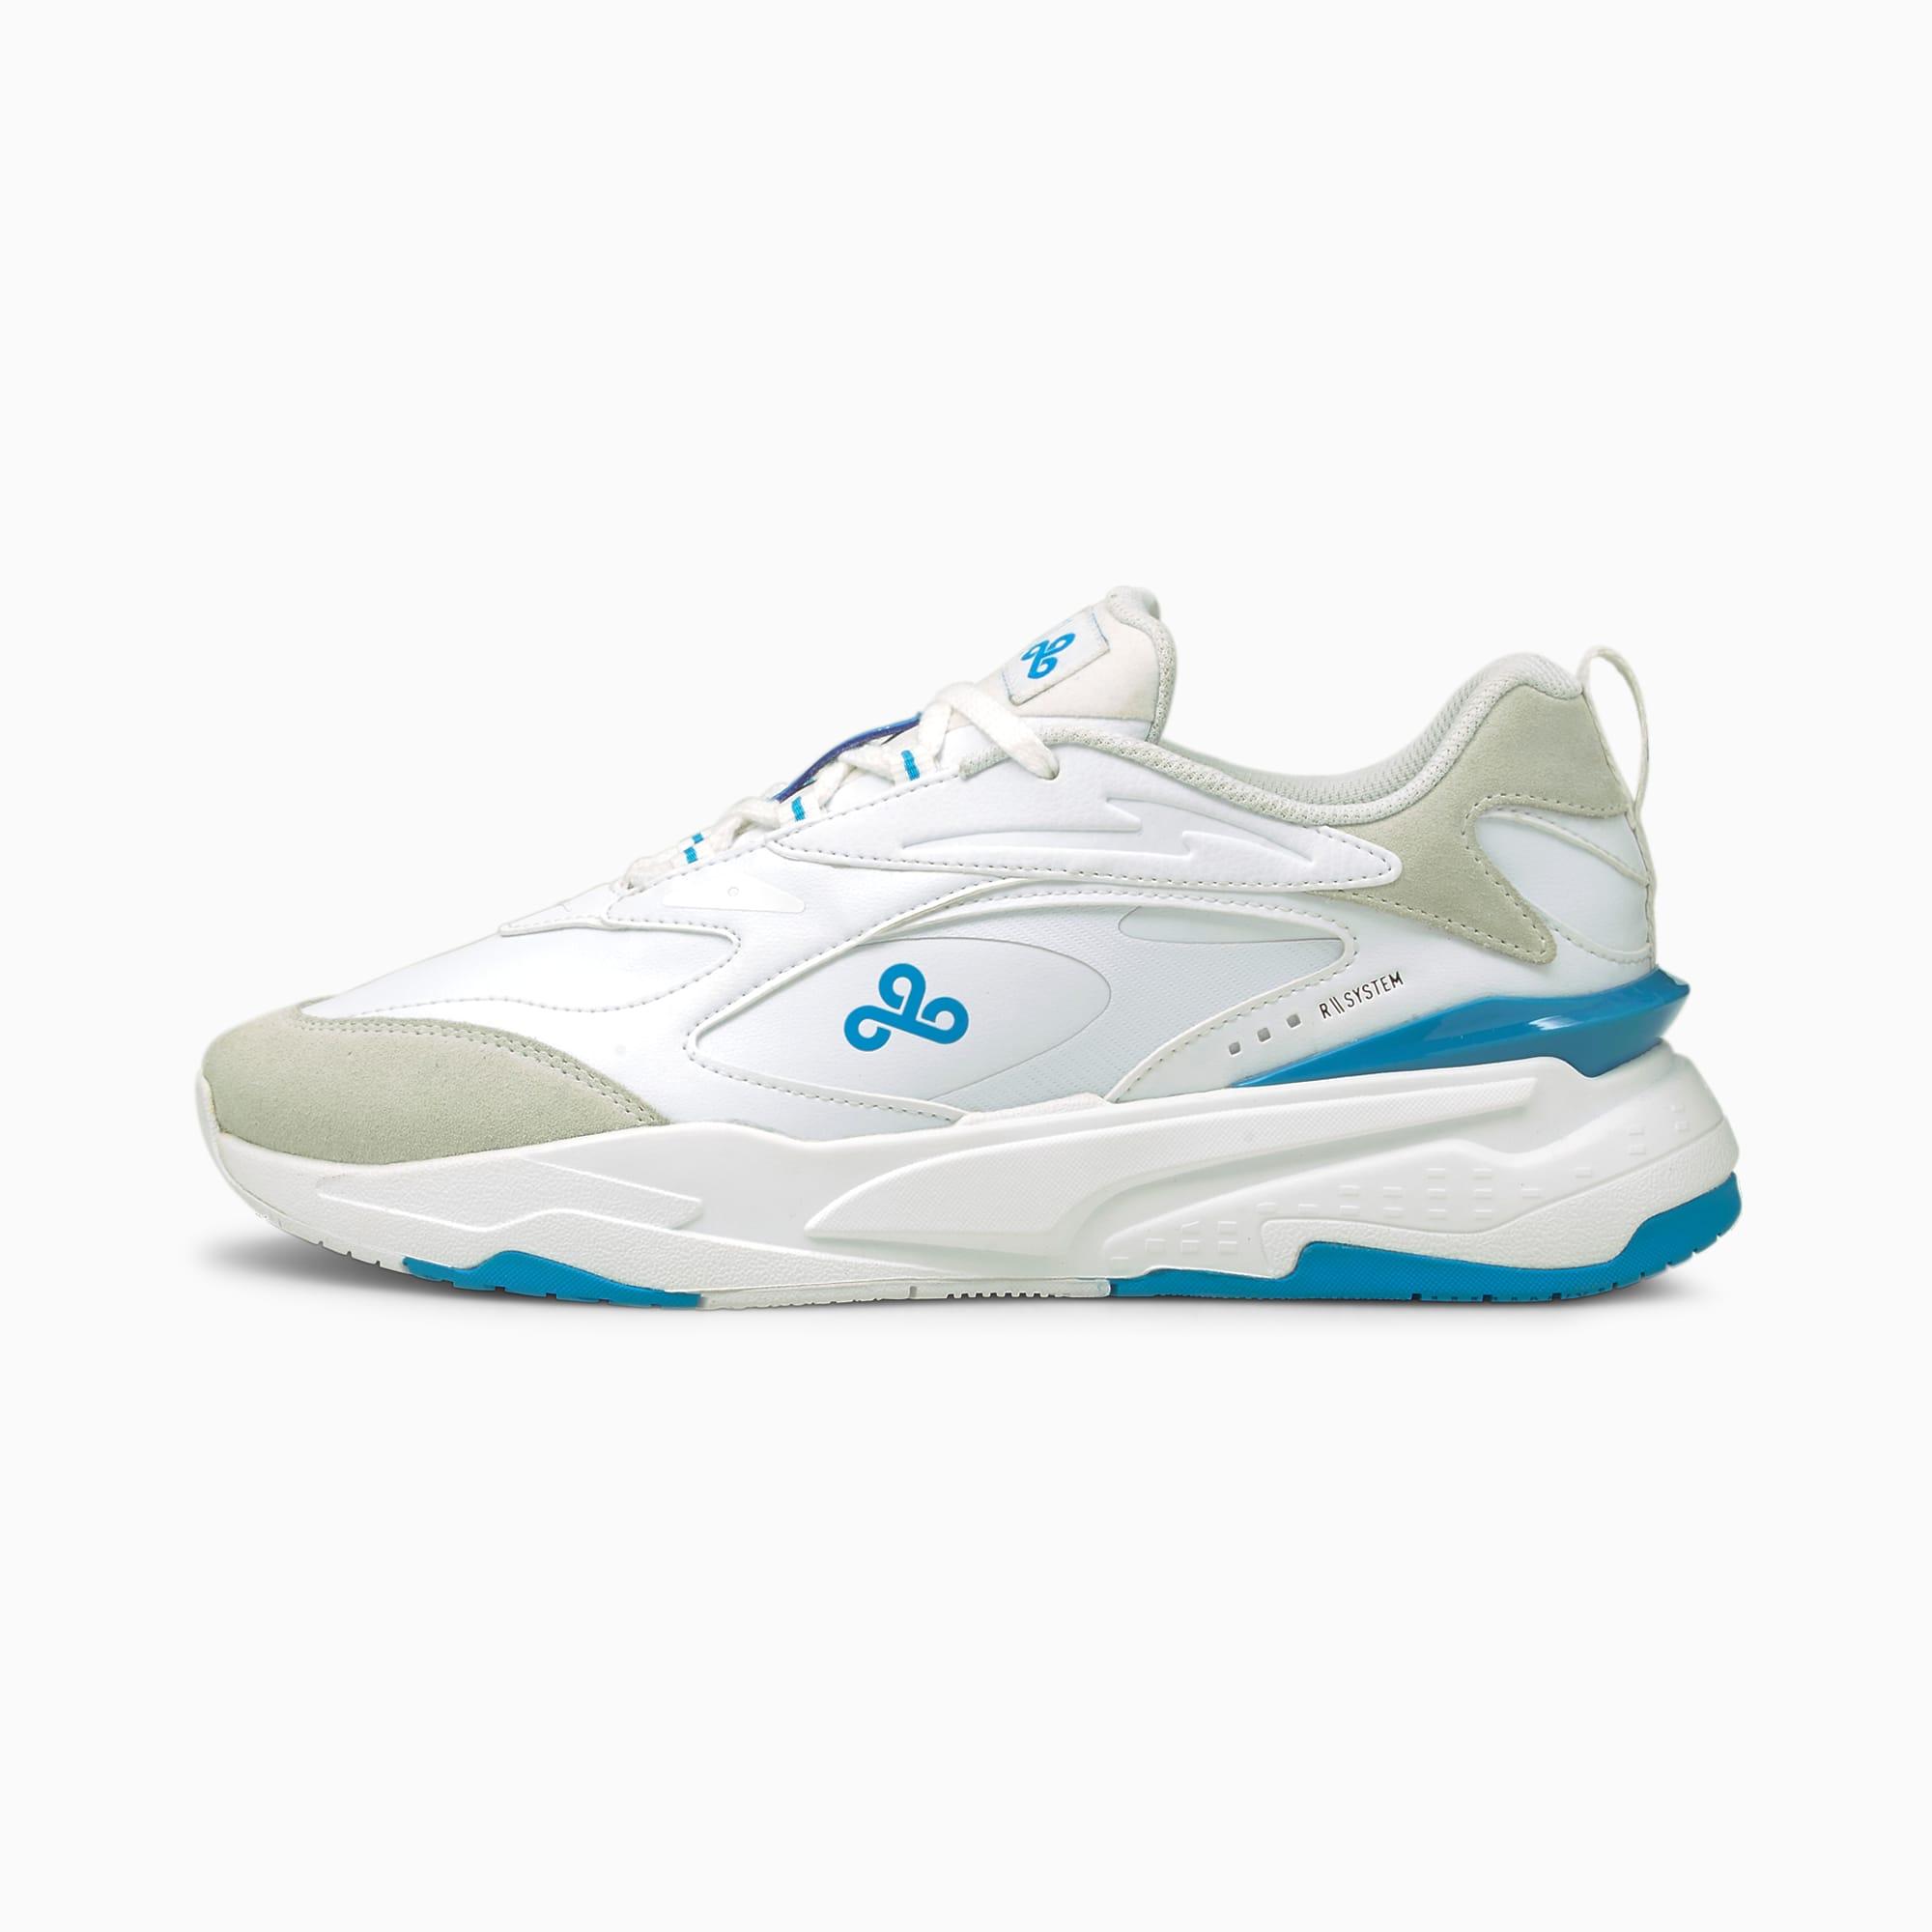 PUMA x CLOUD9 RS-Fast E-Sport-Schuhe   Mit Aucun   Weiß/Blau   Größe: 37.5